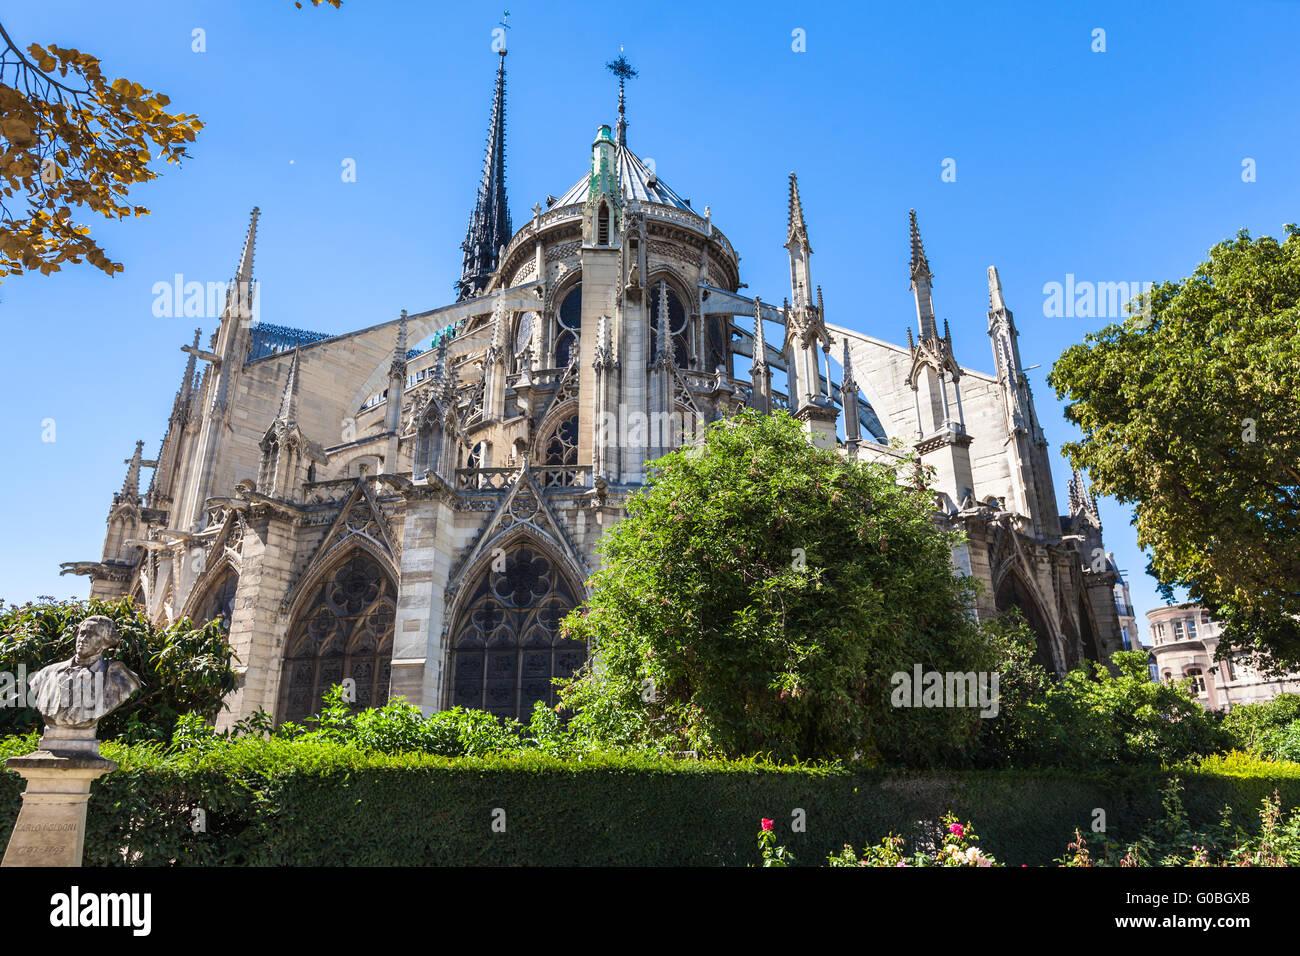 Vue arrière de Notre Dame de Paris, France Photo Stock